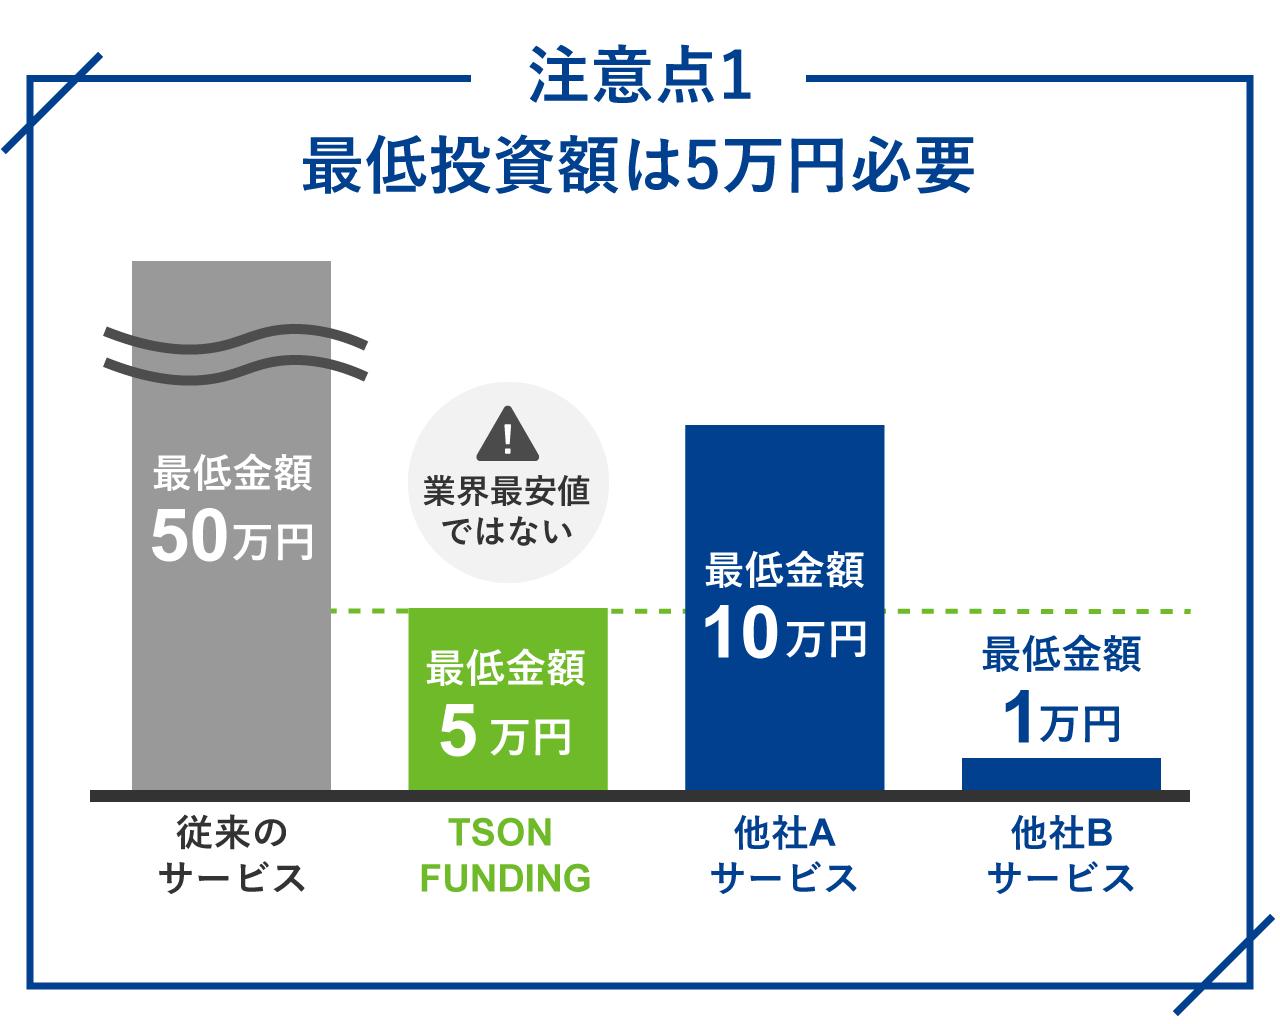 注意点1.最低投資額が5万円必要